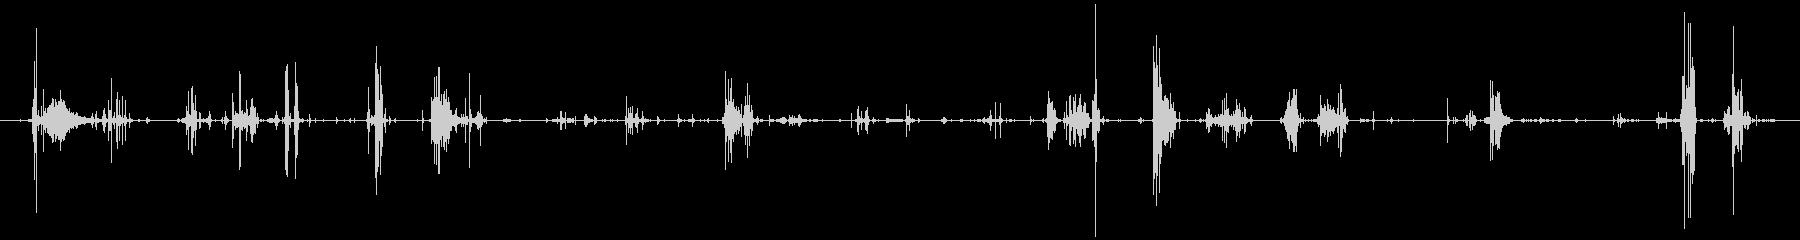 鳴き声 デスバーブルロング02の未再生の波形